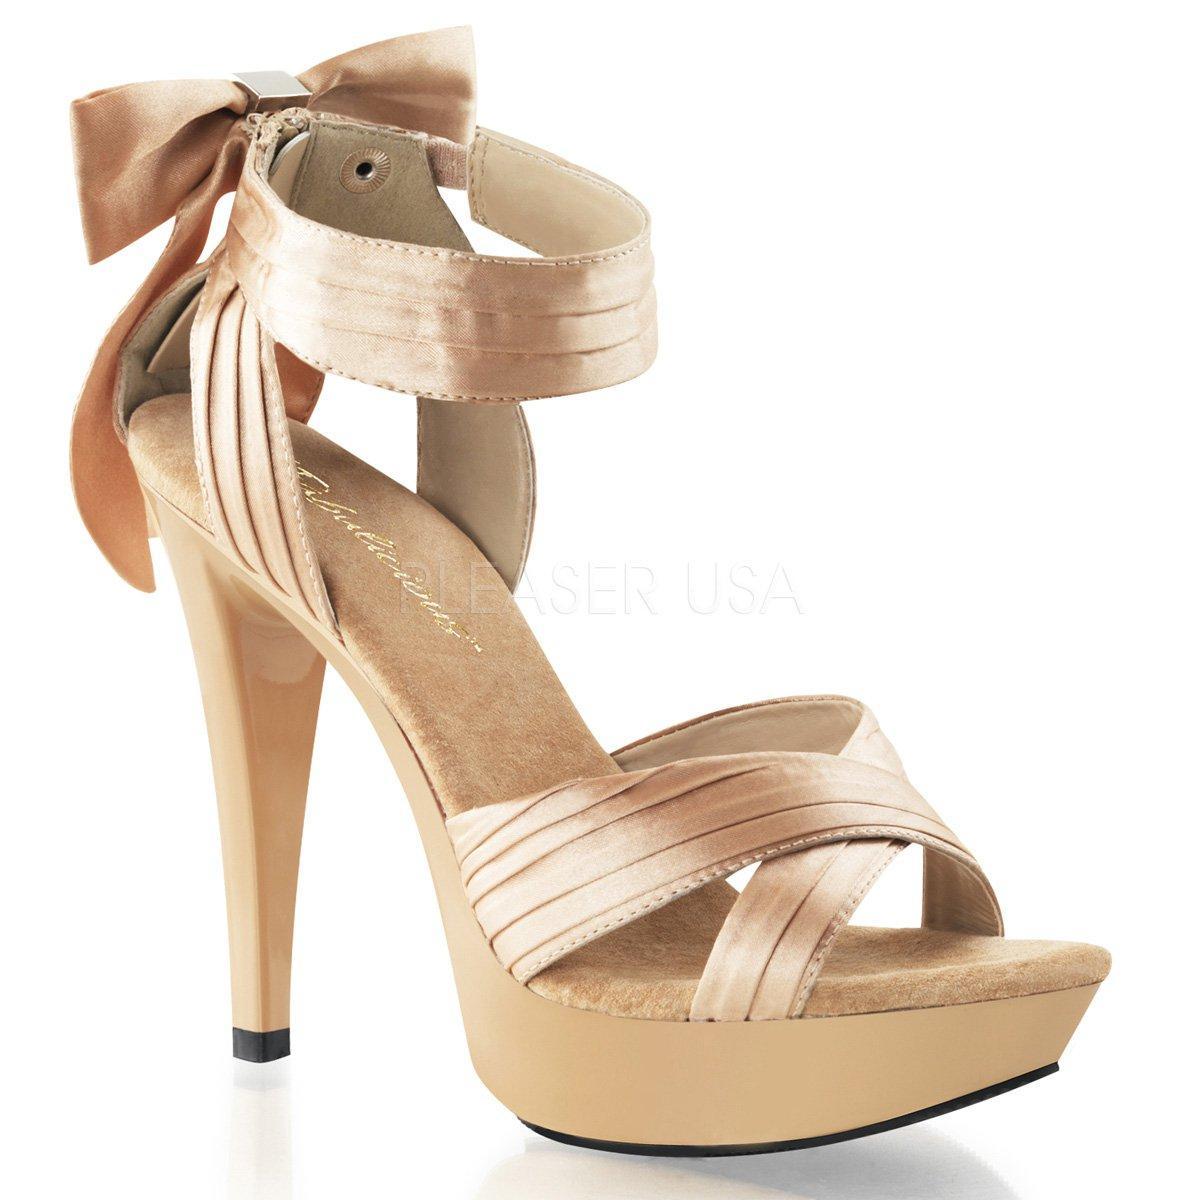 c2ed8c82d2f5 COCKTAIL-568 Elegantní béžové společenské sandálky na jehlách s mašlí